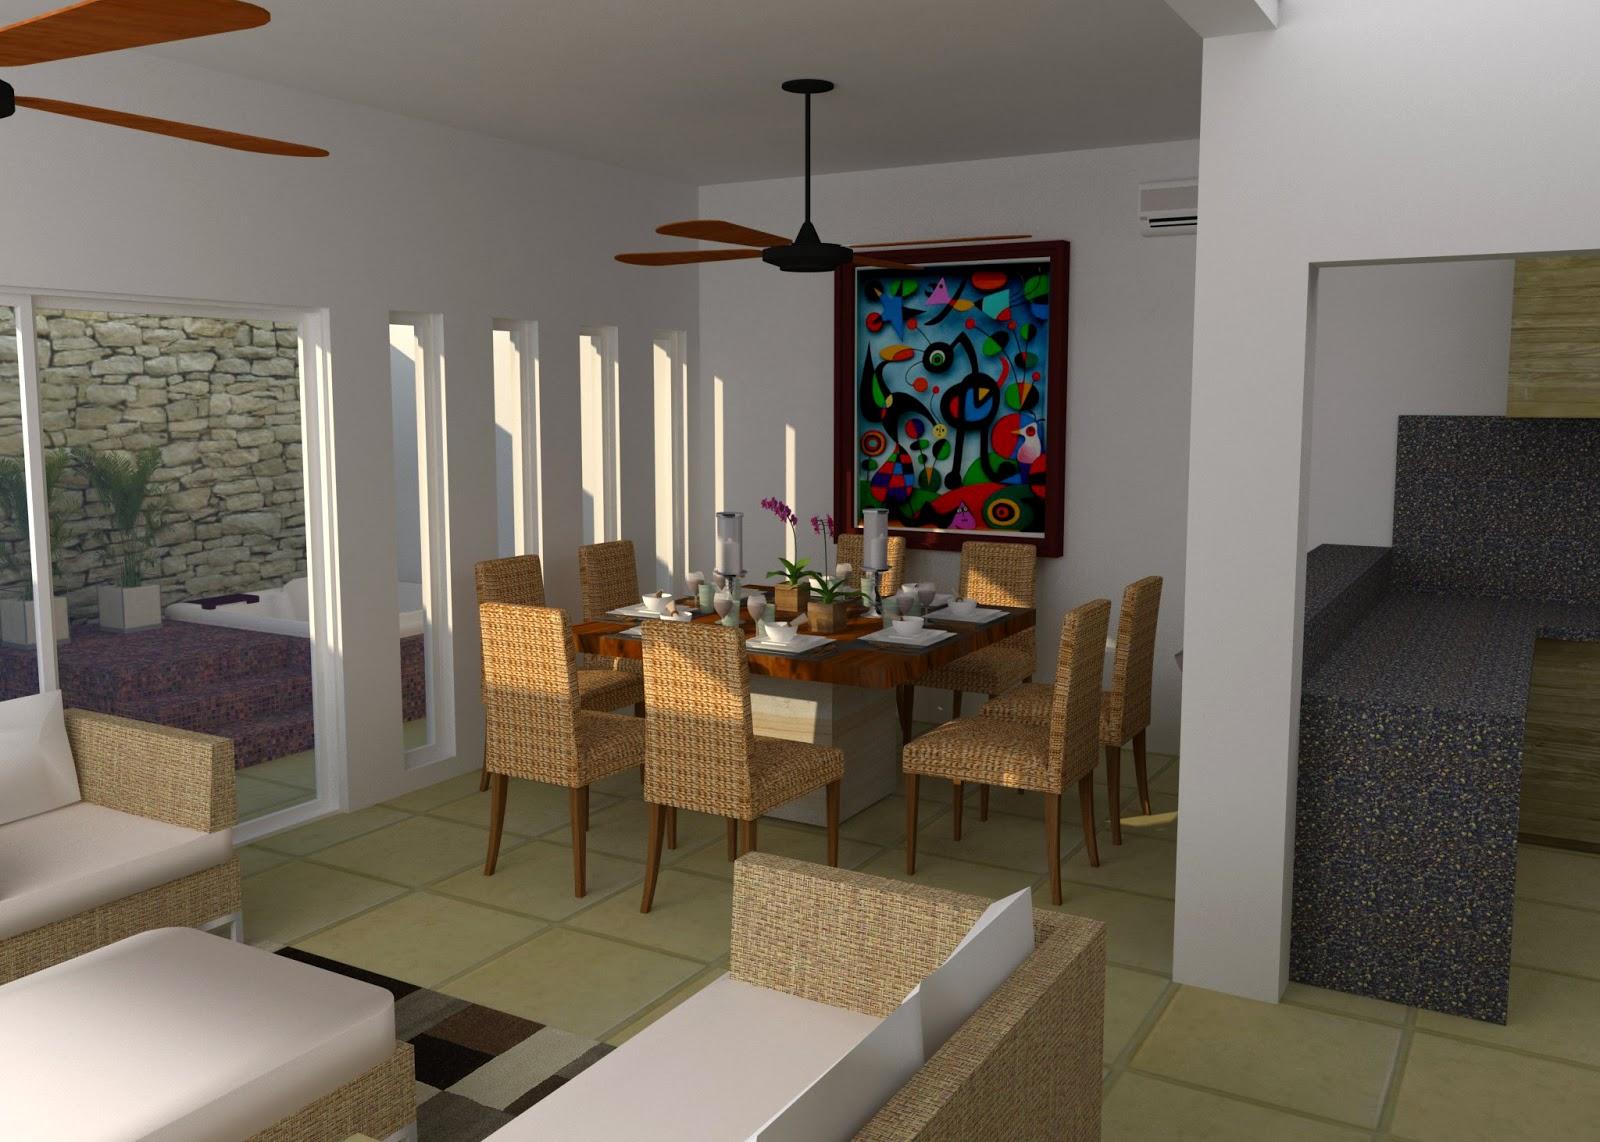 Casa ro residencial arbolada by cumbres cancun for Taller de diseno de interiores